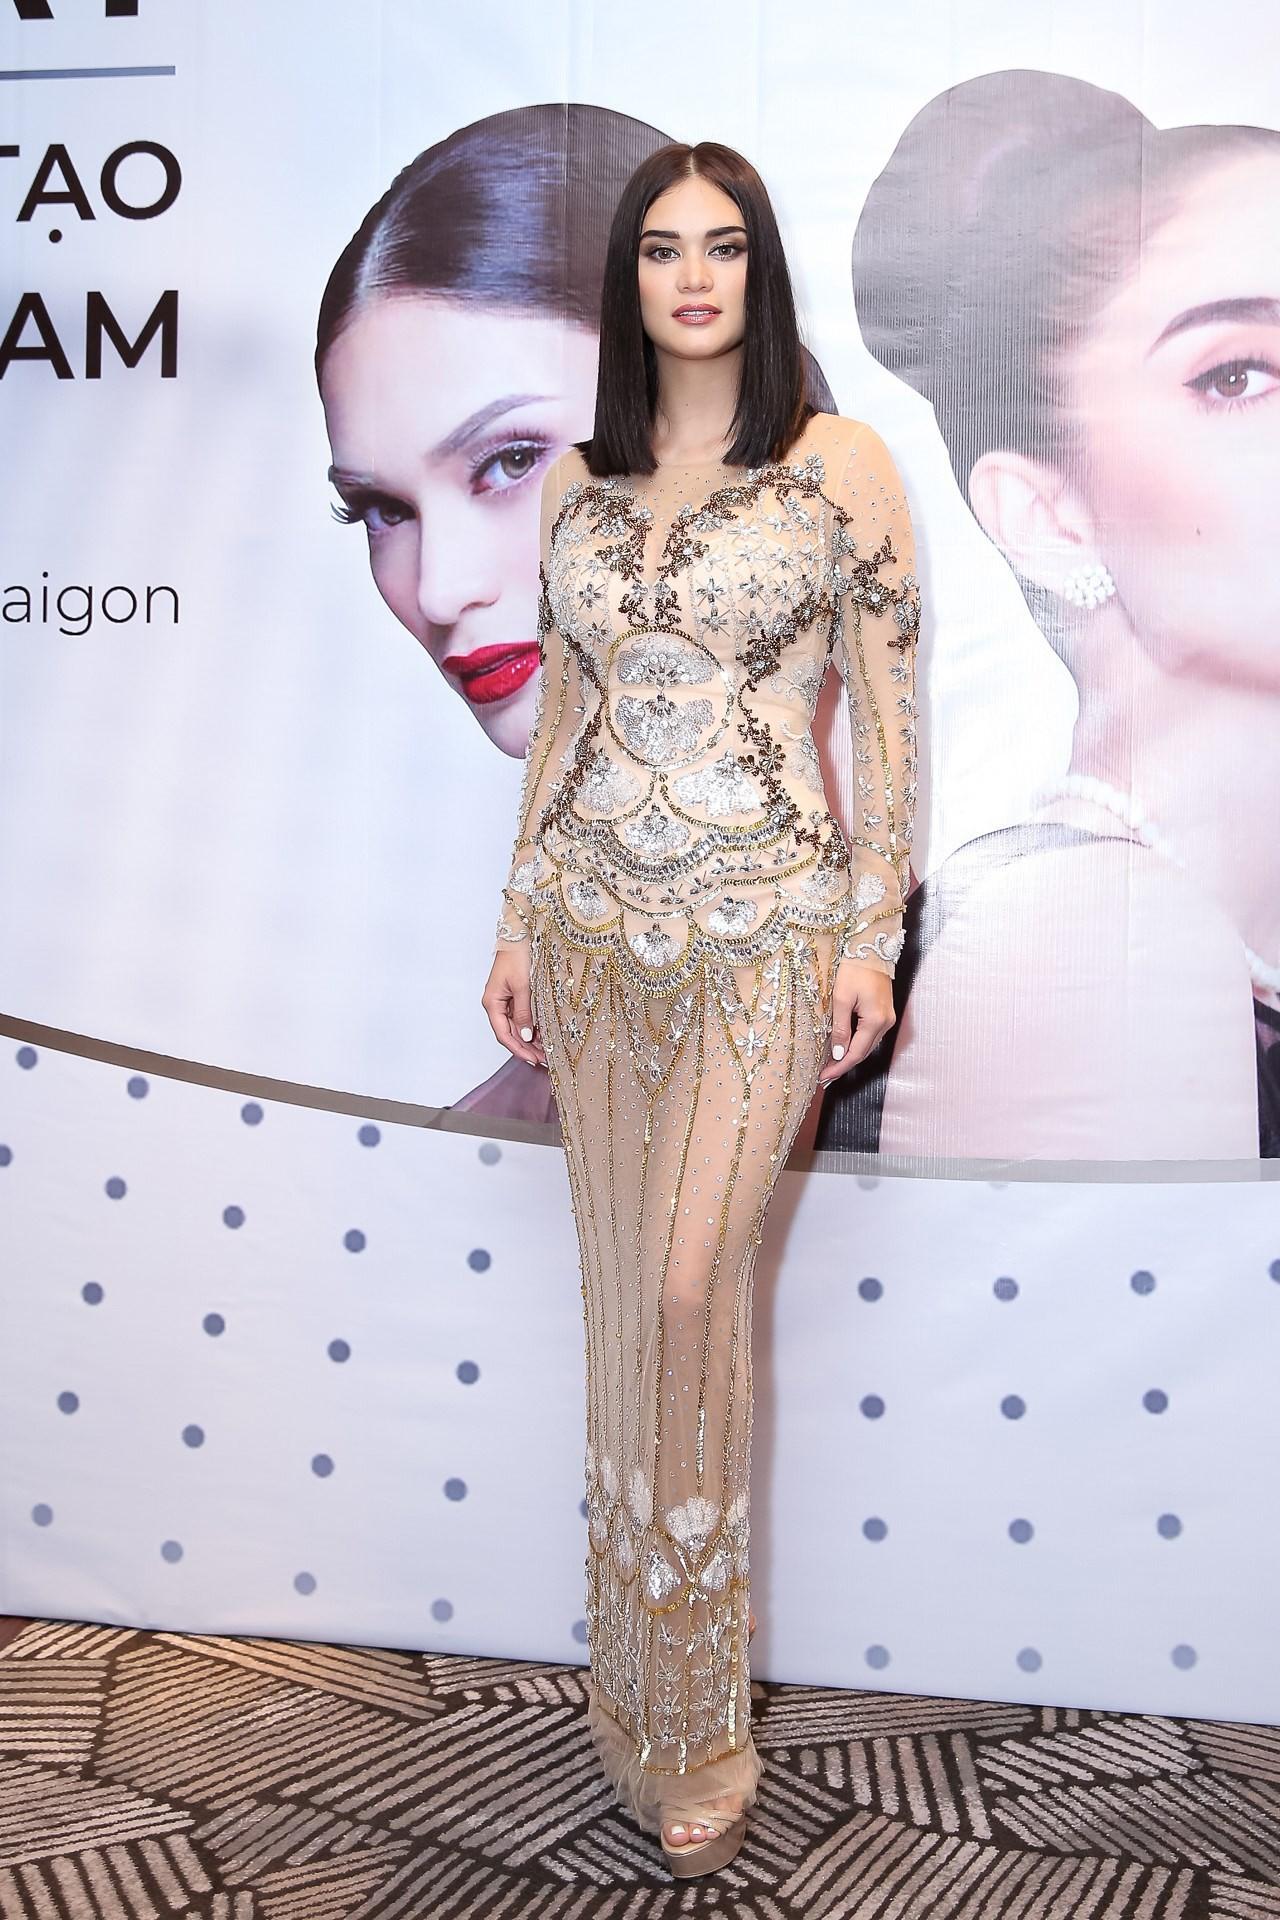 Sau 3 năm đăng quang, Hoa hậu Hoàn vũ Pia ngày càng gợi cảm cùng gu thời trang đẹp xuất sắc - Ảnh 3.